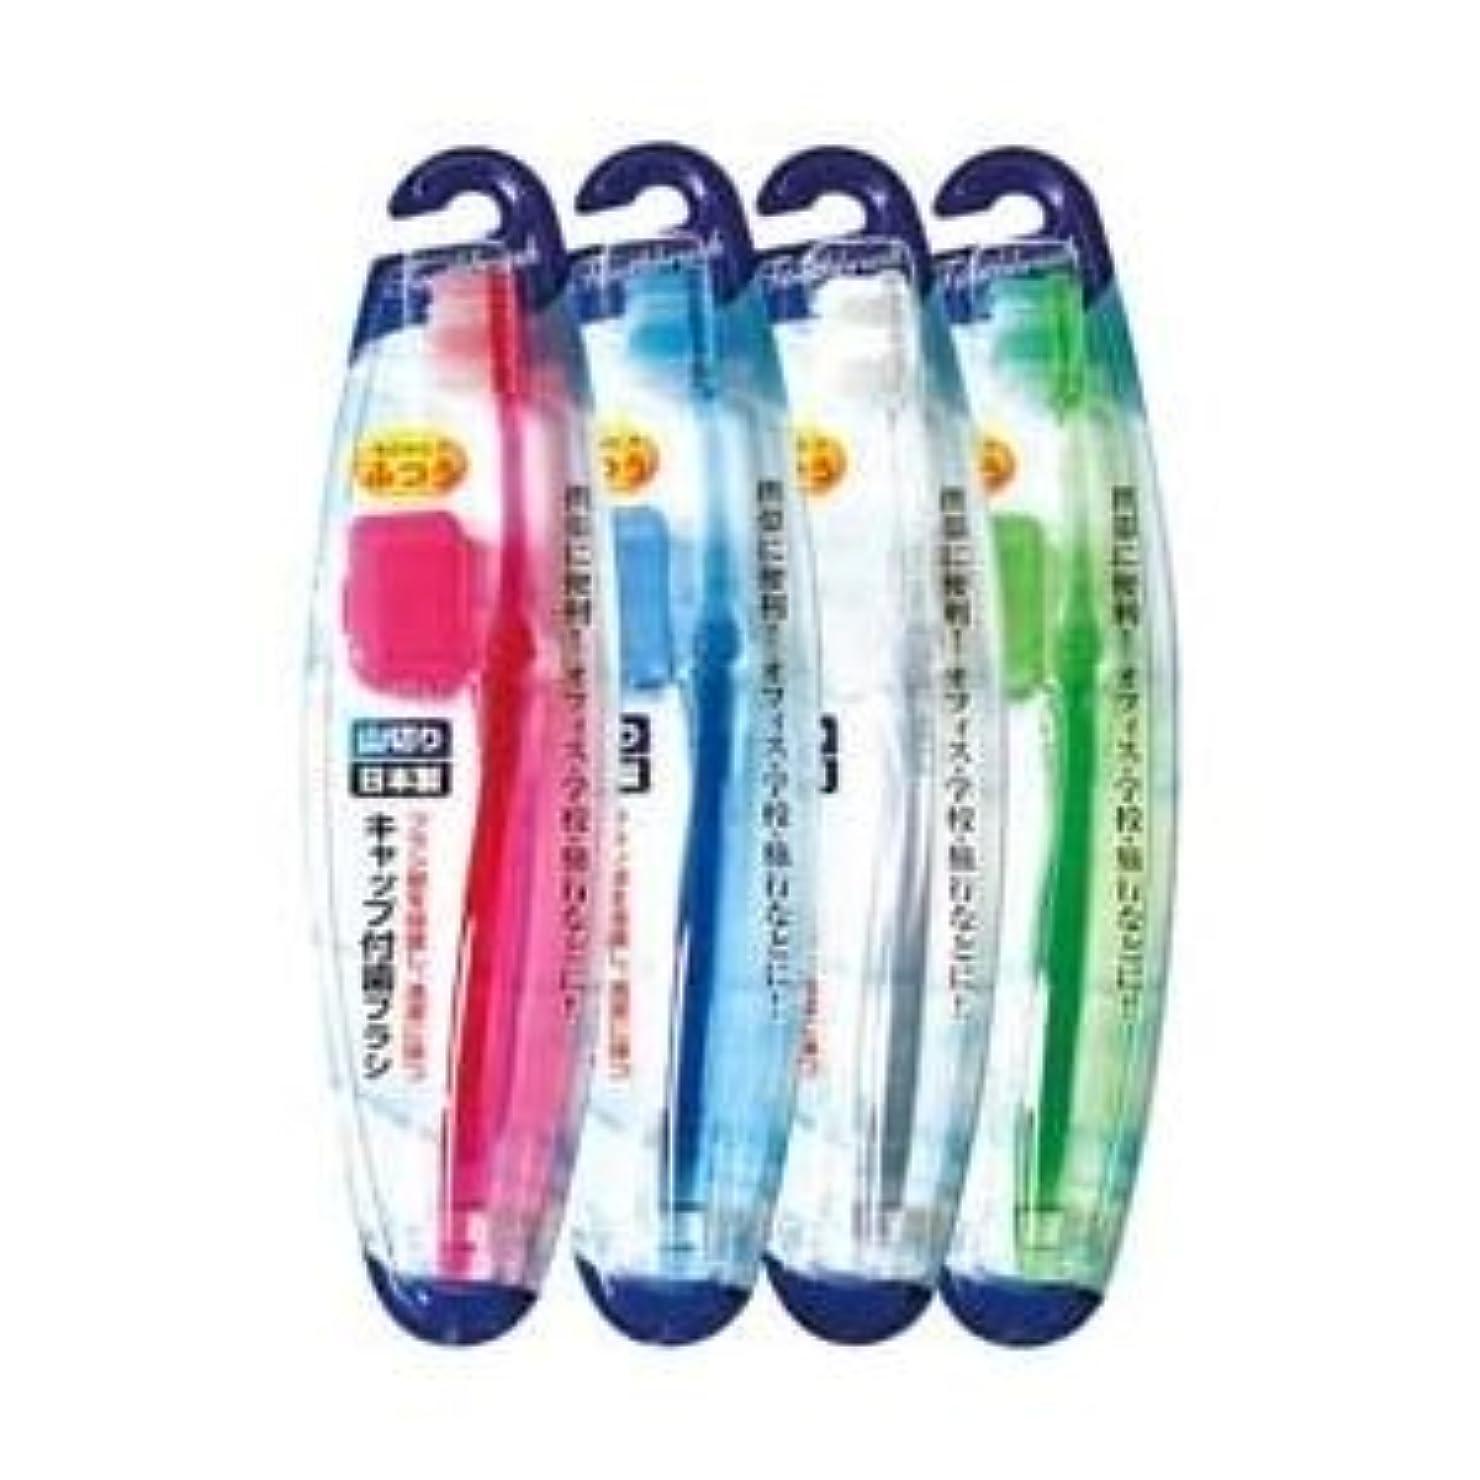 チャンバーボリュームターゲットキャップ付歯ブラシ山切りカット(ふつう)日本製 【12個セット】 41-209